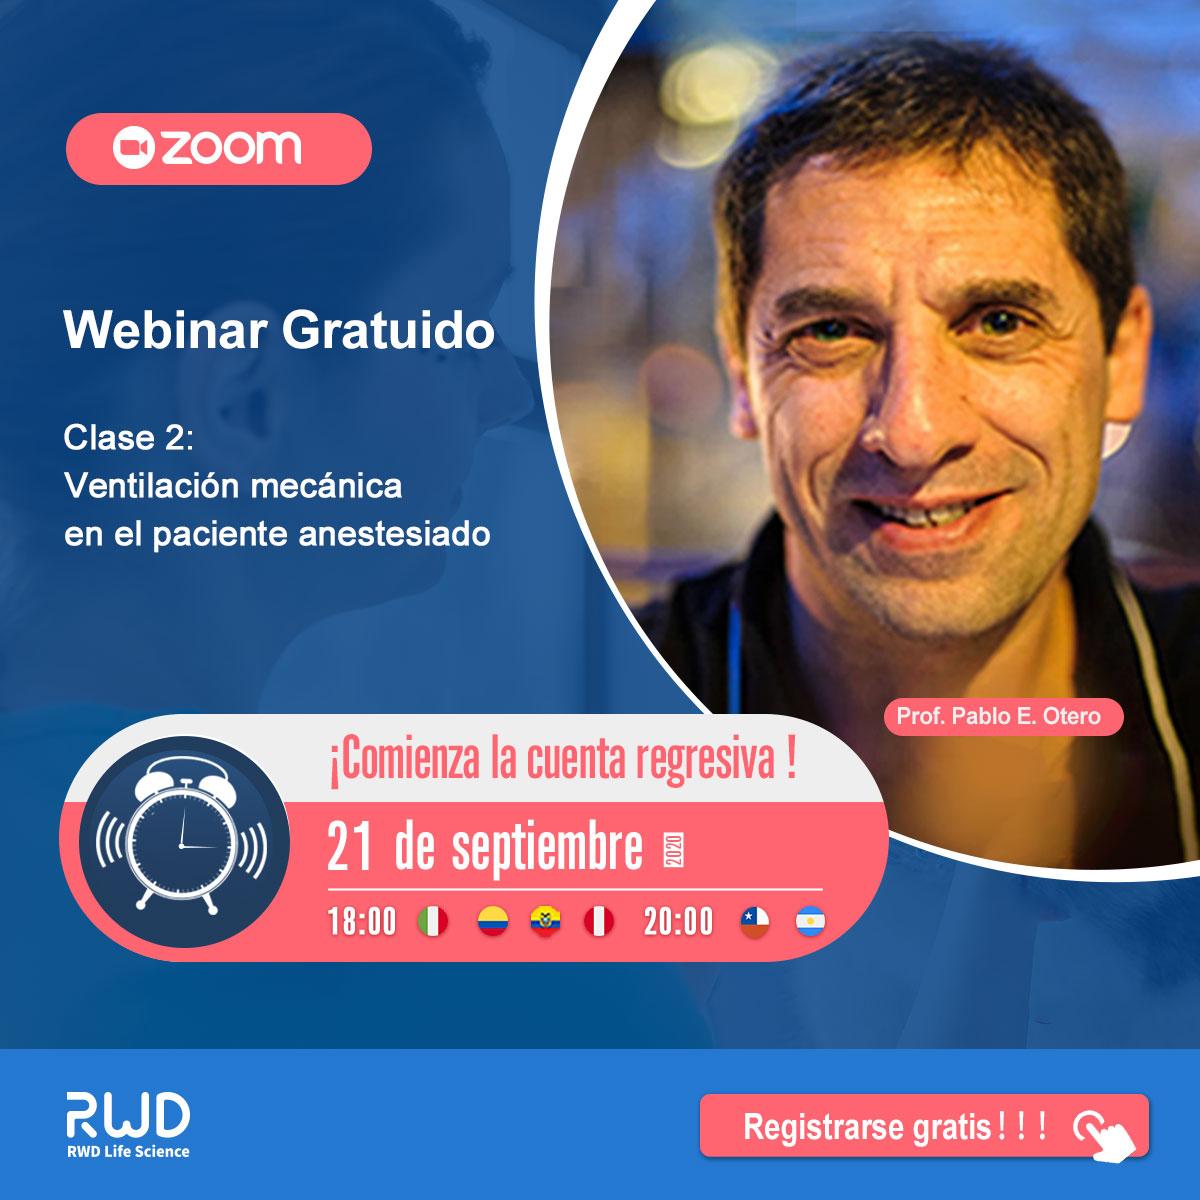 ¡Cupos limitados! Hoy! La segunda clase de las series de Webinares de Prof. Pablo E Otero empezará a las 18:00 (Hora Mexicana)  del 21 de septiembre.  ✍Registrarse gratis: https://t.co/deDfv7wFvV  #Vet #Pet #Veterinario #Anestesia #Ventilador #Webinar #RWD https://t.co/X0JpJJRUbk